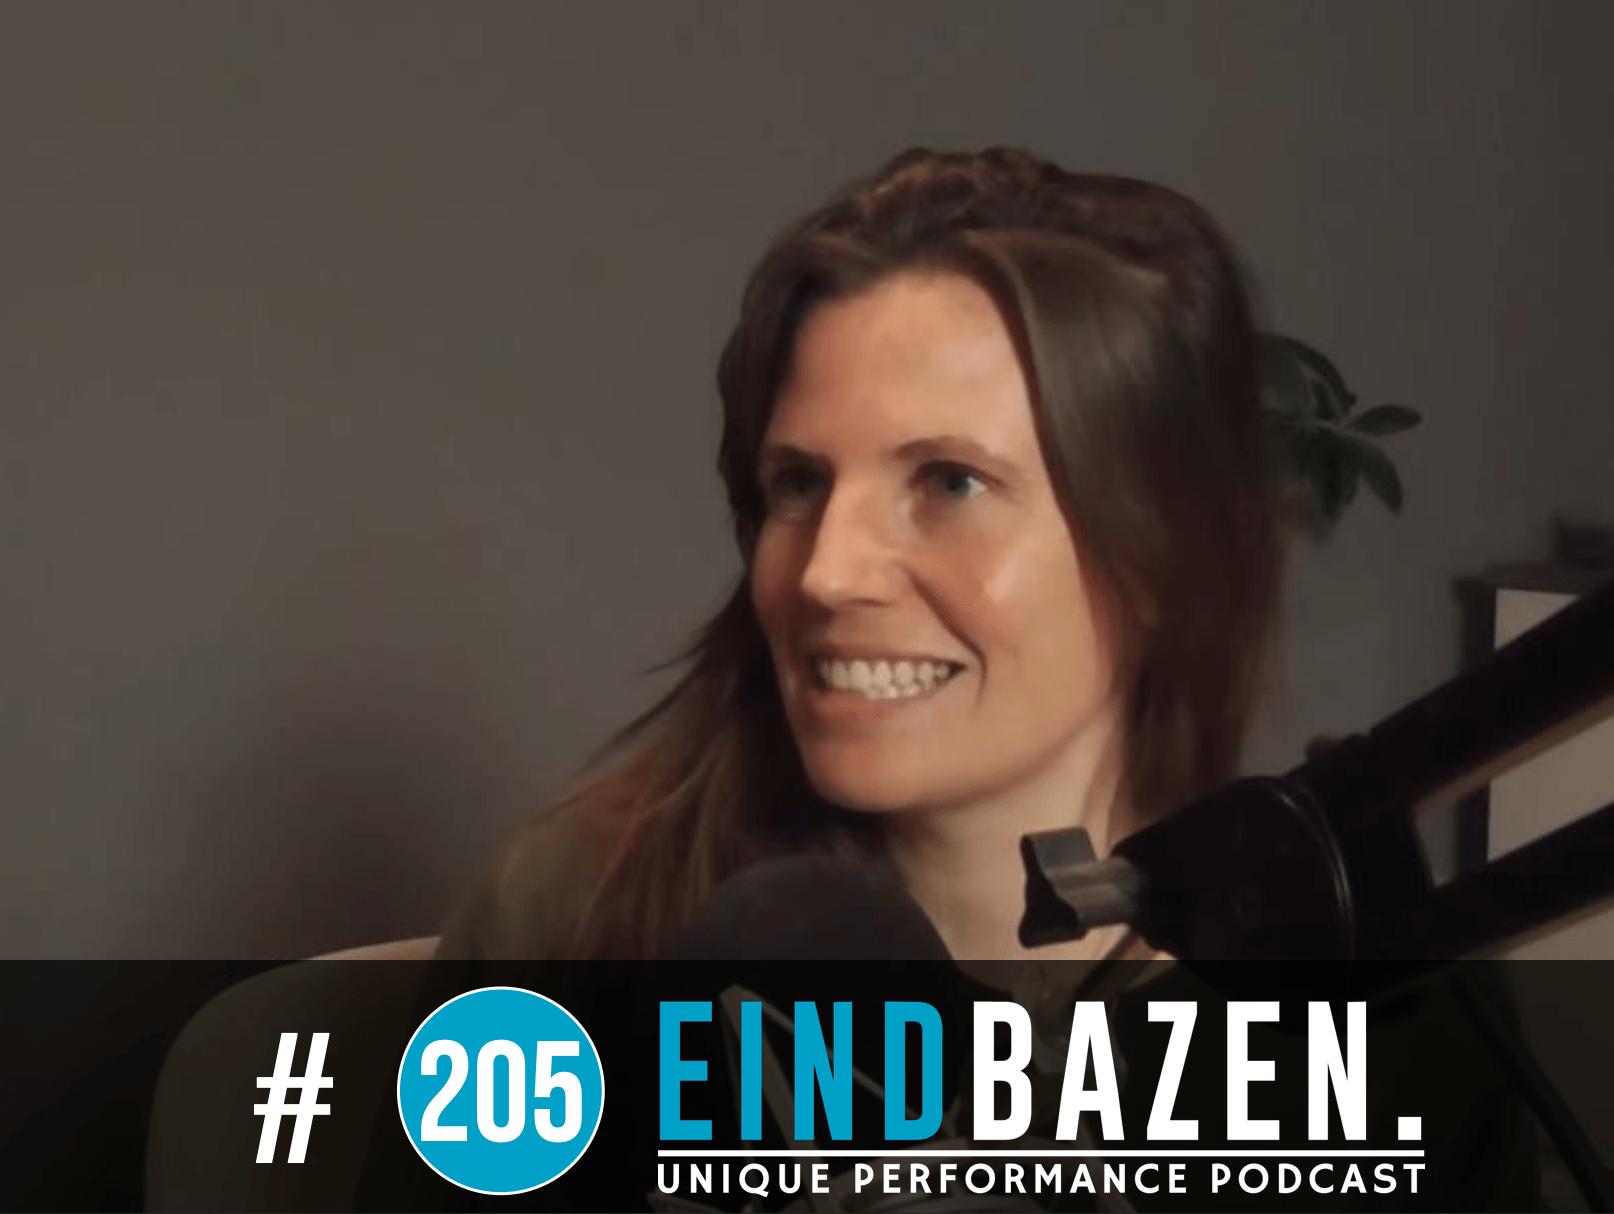 Podcast #205 Isa Kriens – De kleine activist, een lastig gesprek over de toekomst en je rug recht houden Wordpress